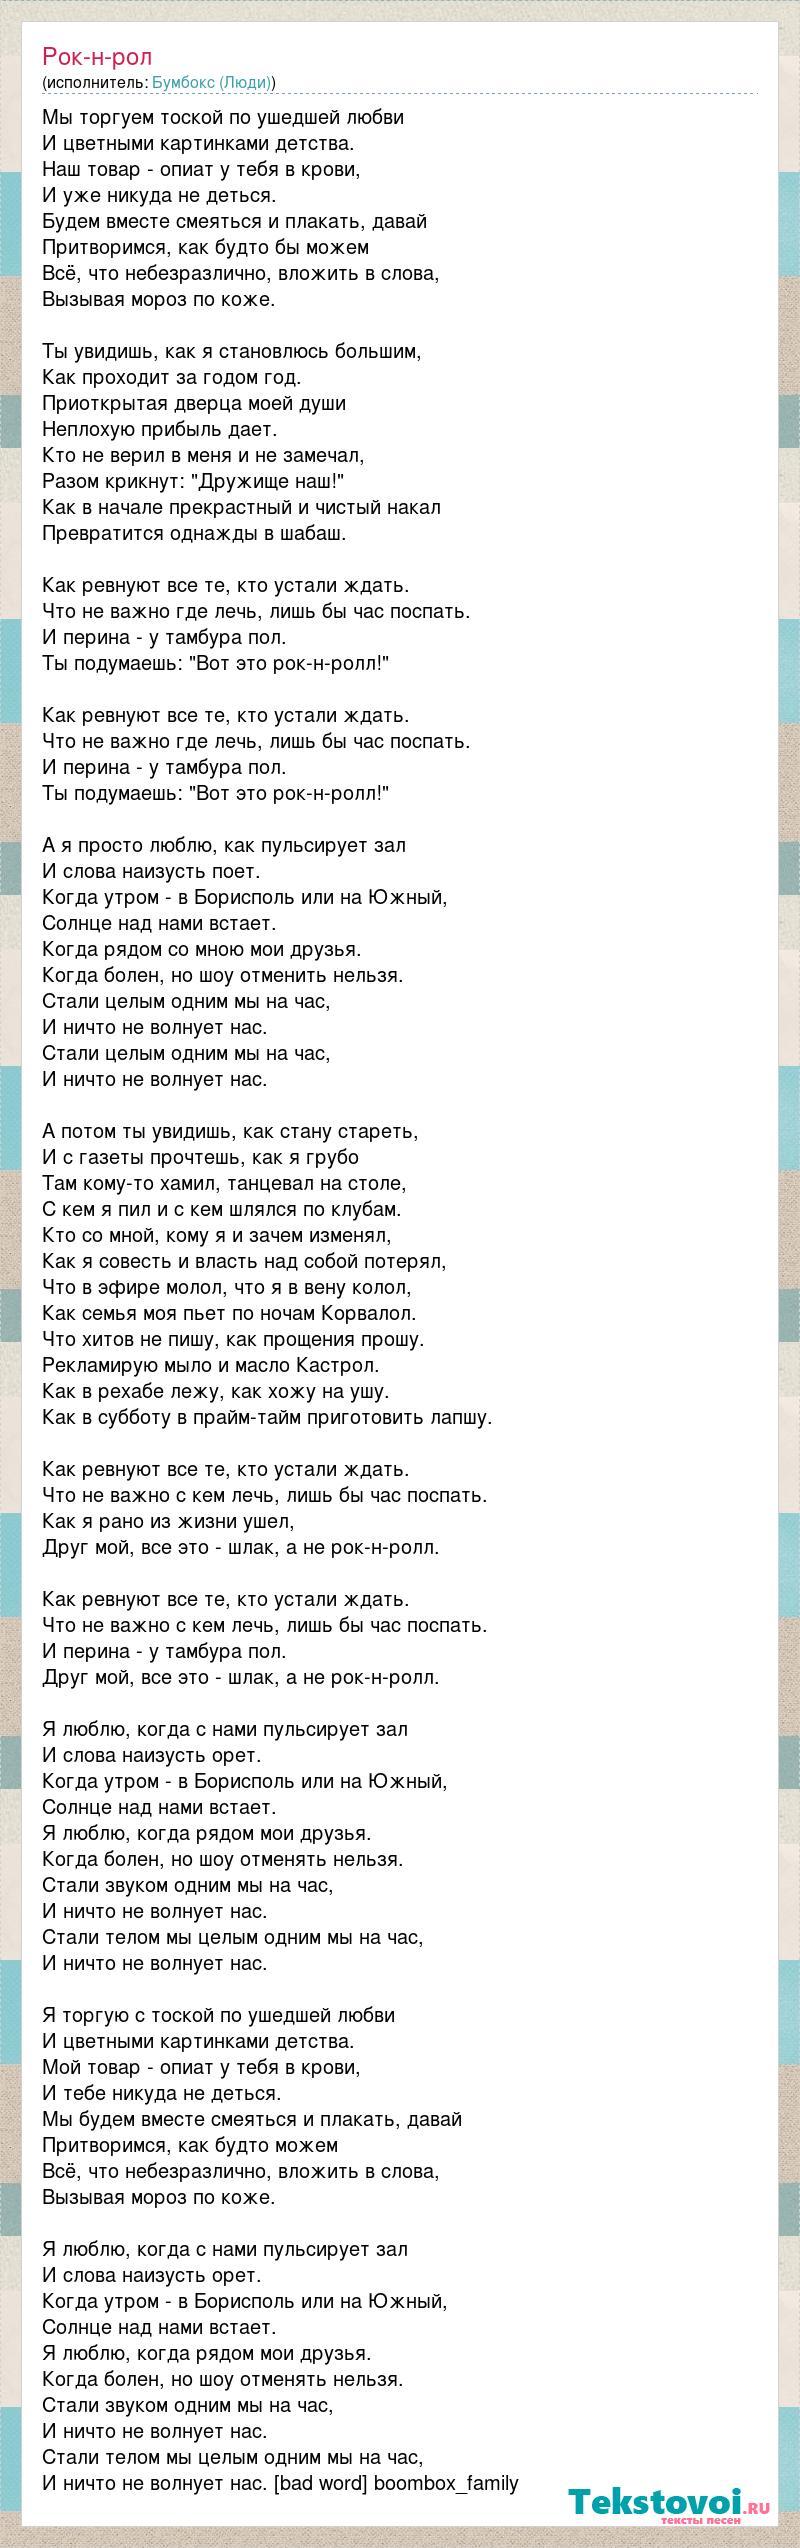 f3c681d9dbdf Бумбокс (Люди)  Рок-н-рол слова песни